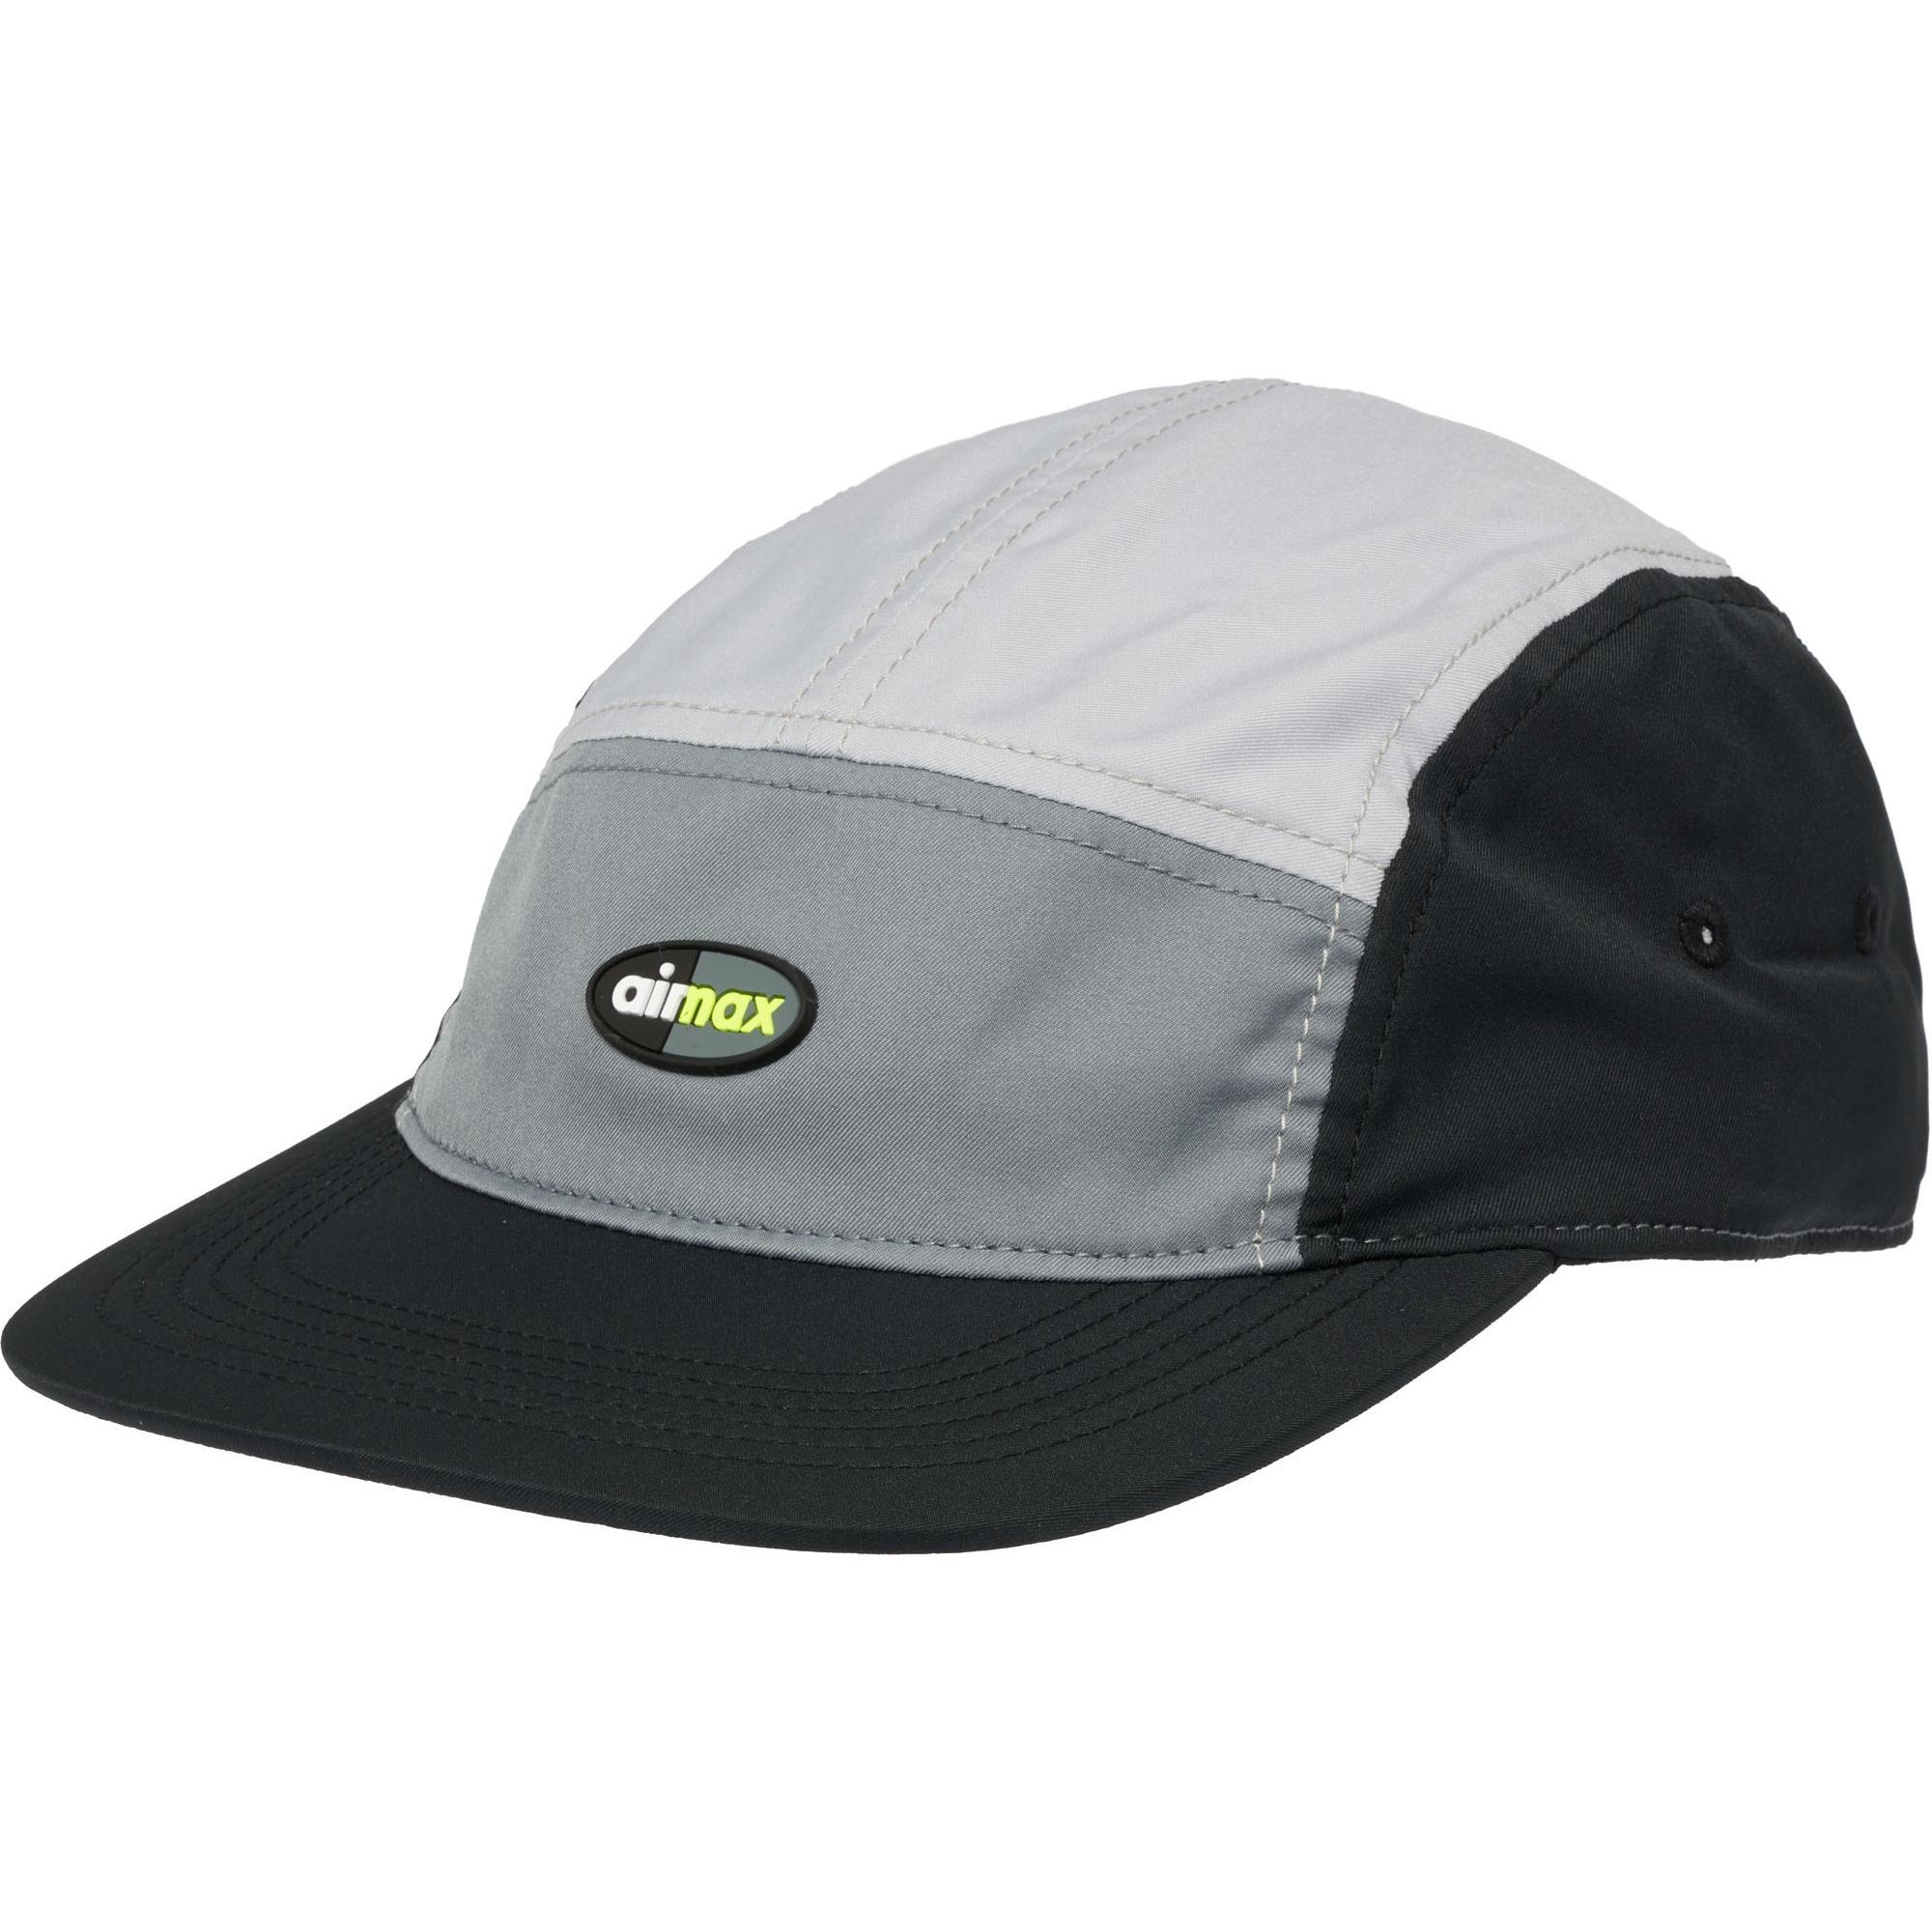 29fa881602c081 Nike Air Max Aw84 Cap - Black & Grey in Gray for Men - Lyst